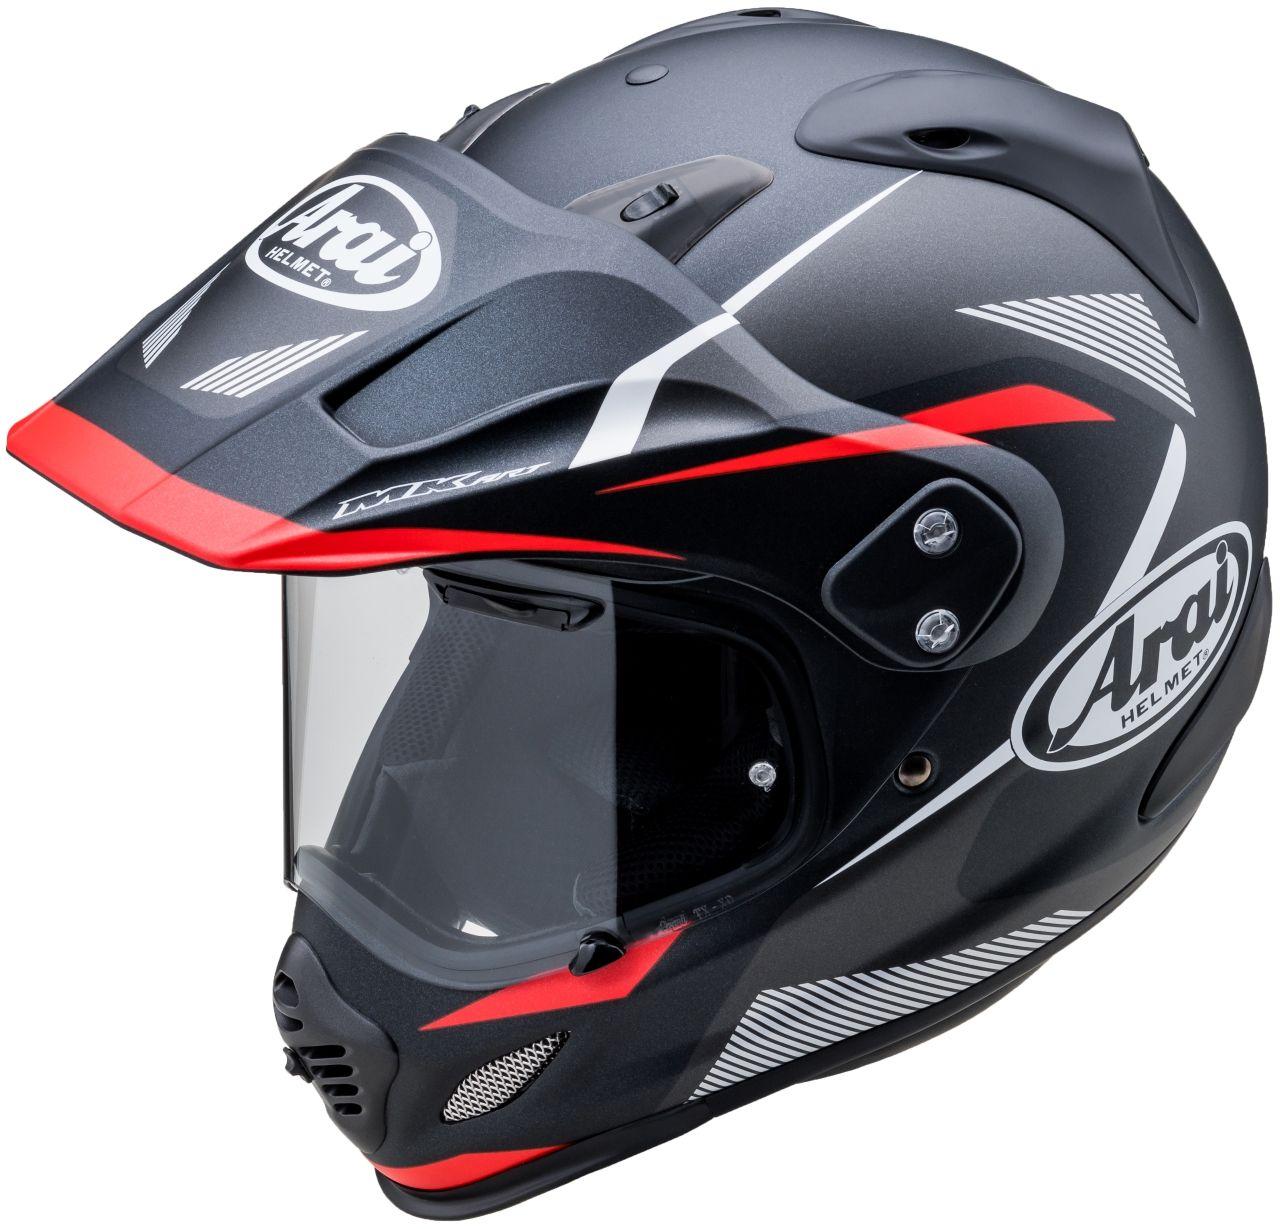 TOUR-CROSS 3 (XD4) BREAK [Black/Red] Helmet